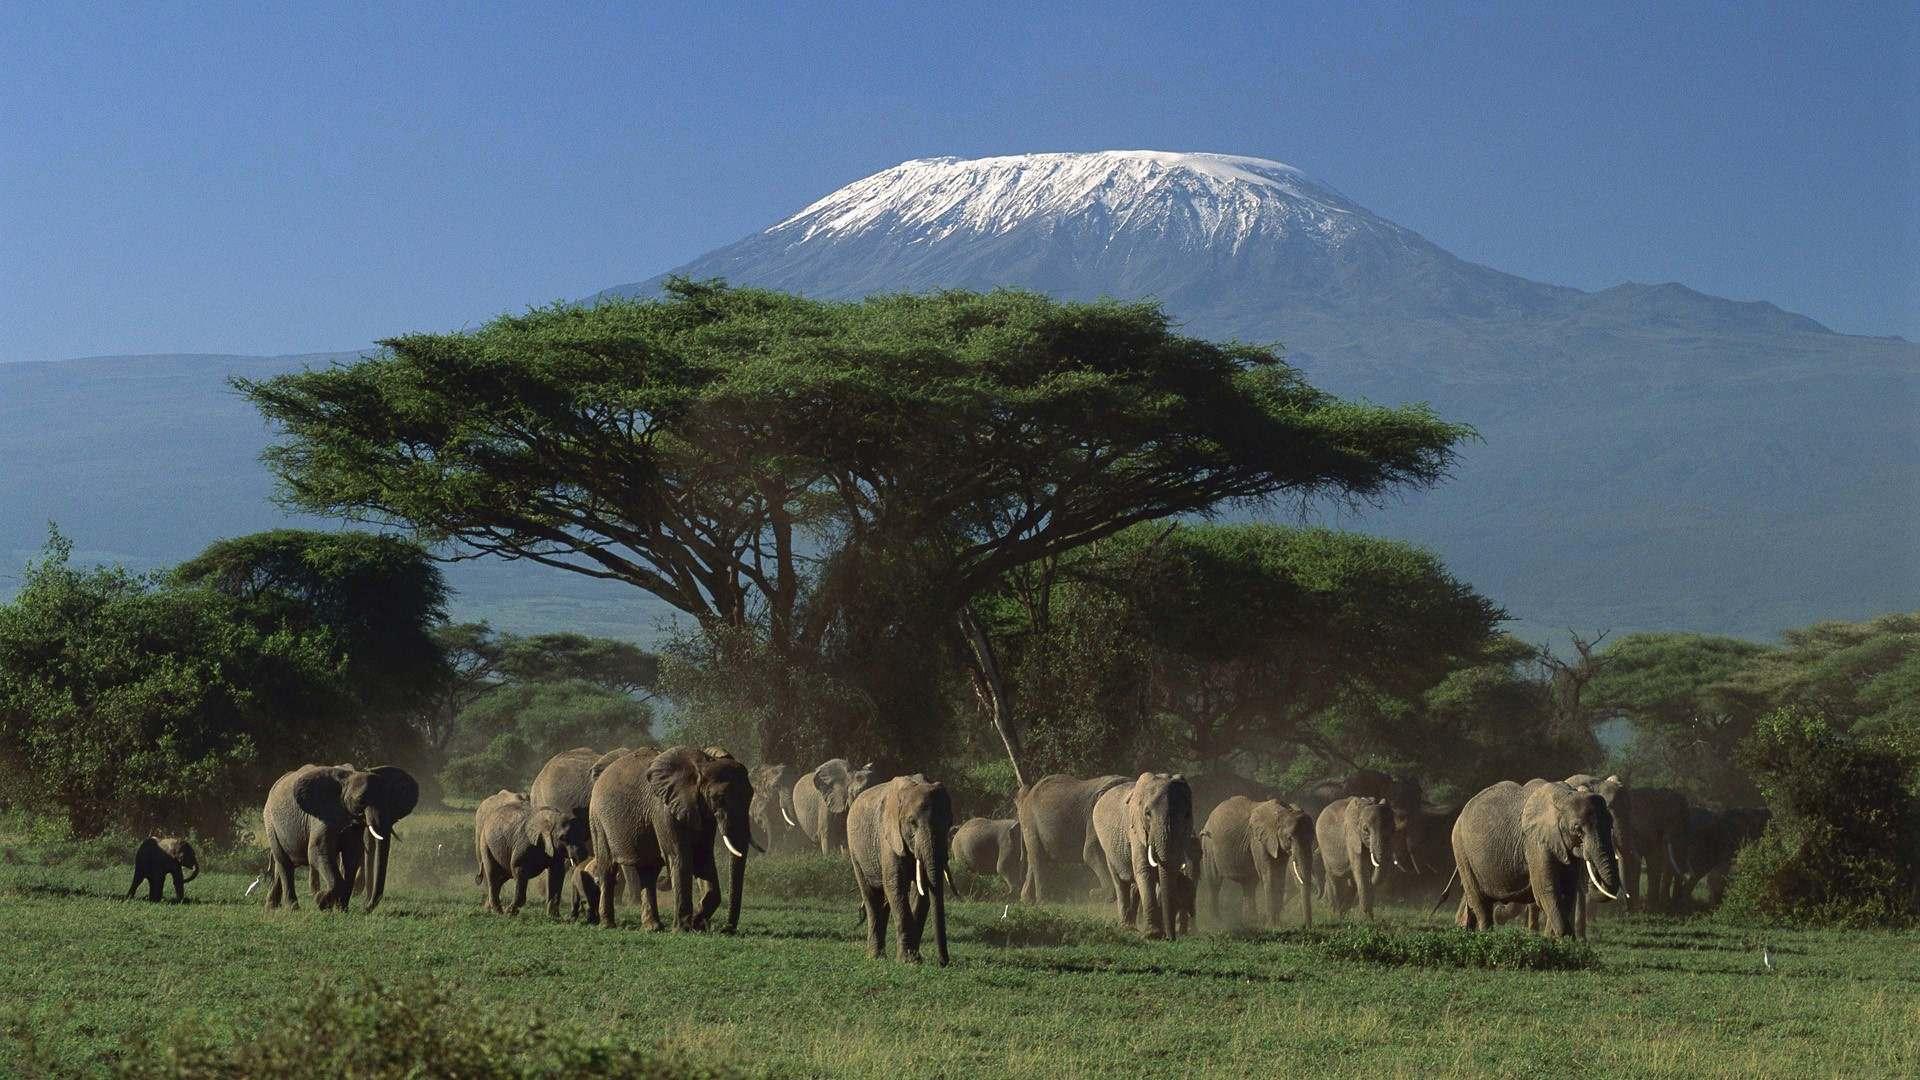 http://4.bp.blogspot.com/-LrdrB_wGC1o/Tum58jOwBqI/AAAAAAAAFqA/ciQGWjrxKcU/s1920/elephant_wallpaper_4.jpg